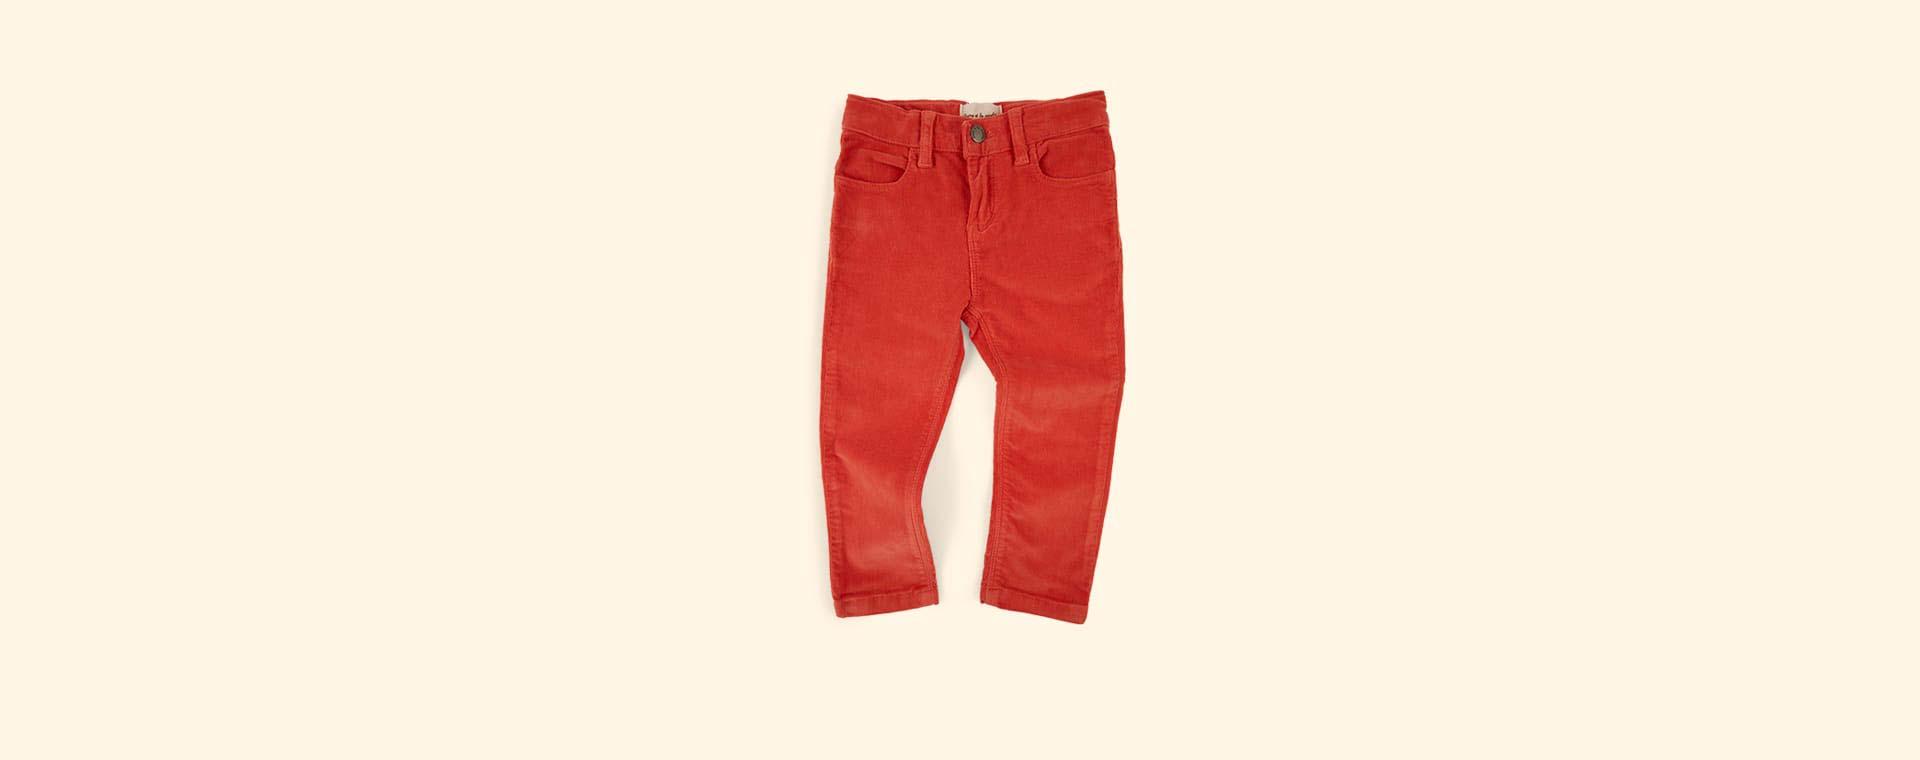 Pumpkin Arsene Et Les Pipelettes Cord Trousers